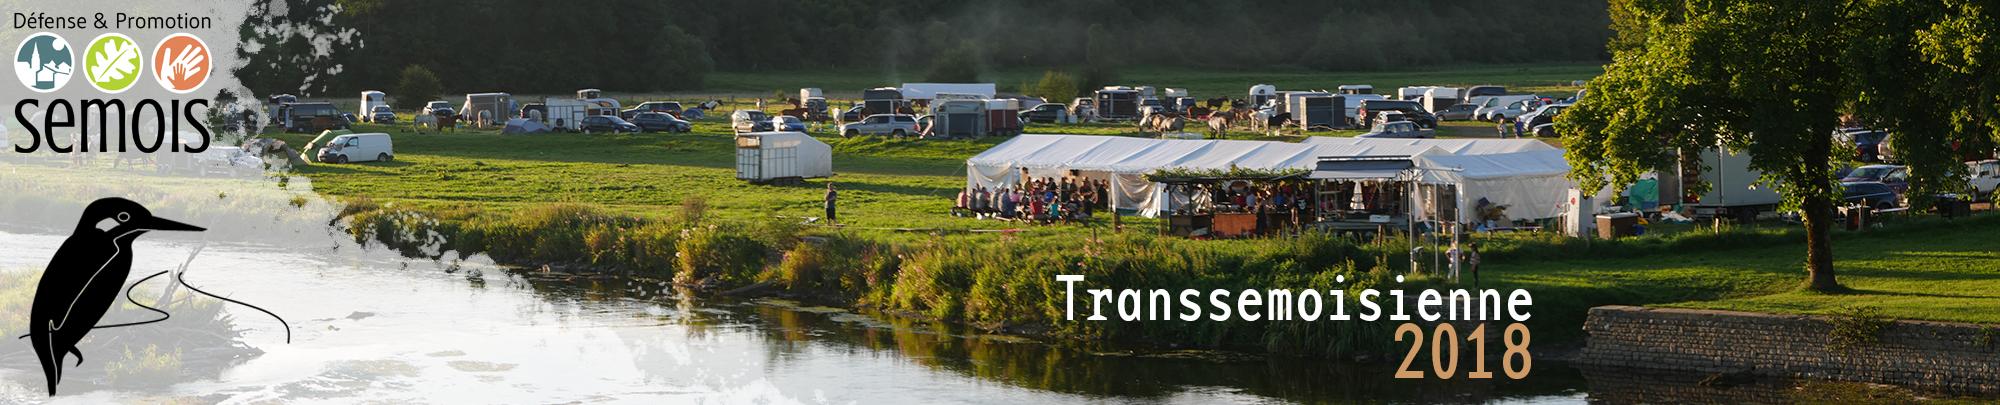 Transsemoisienne 2018